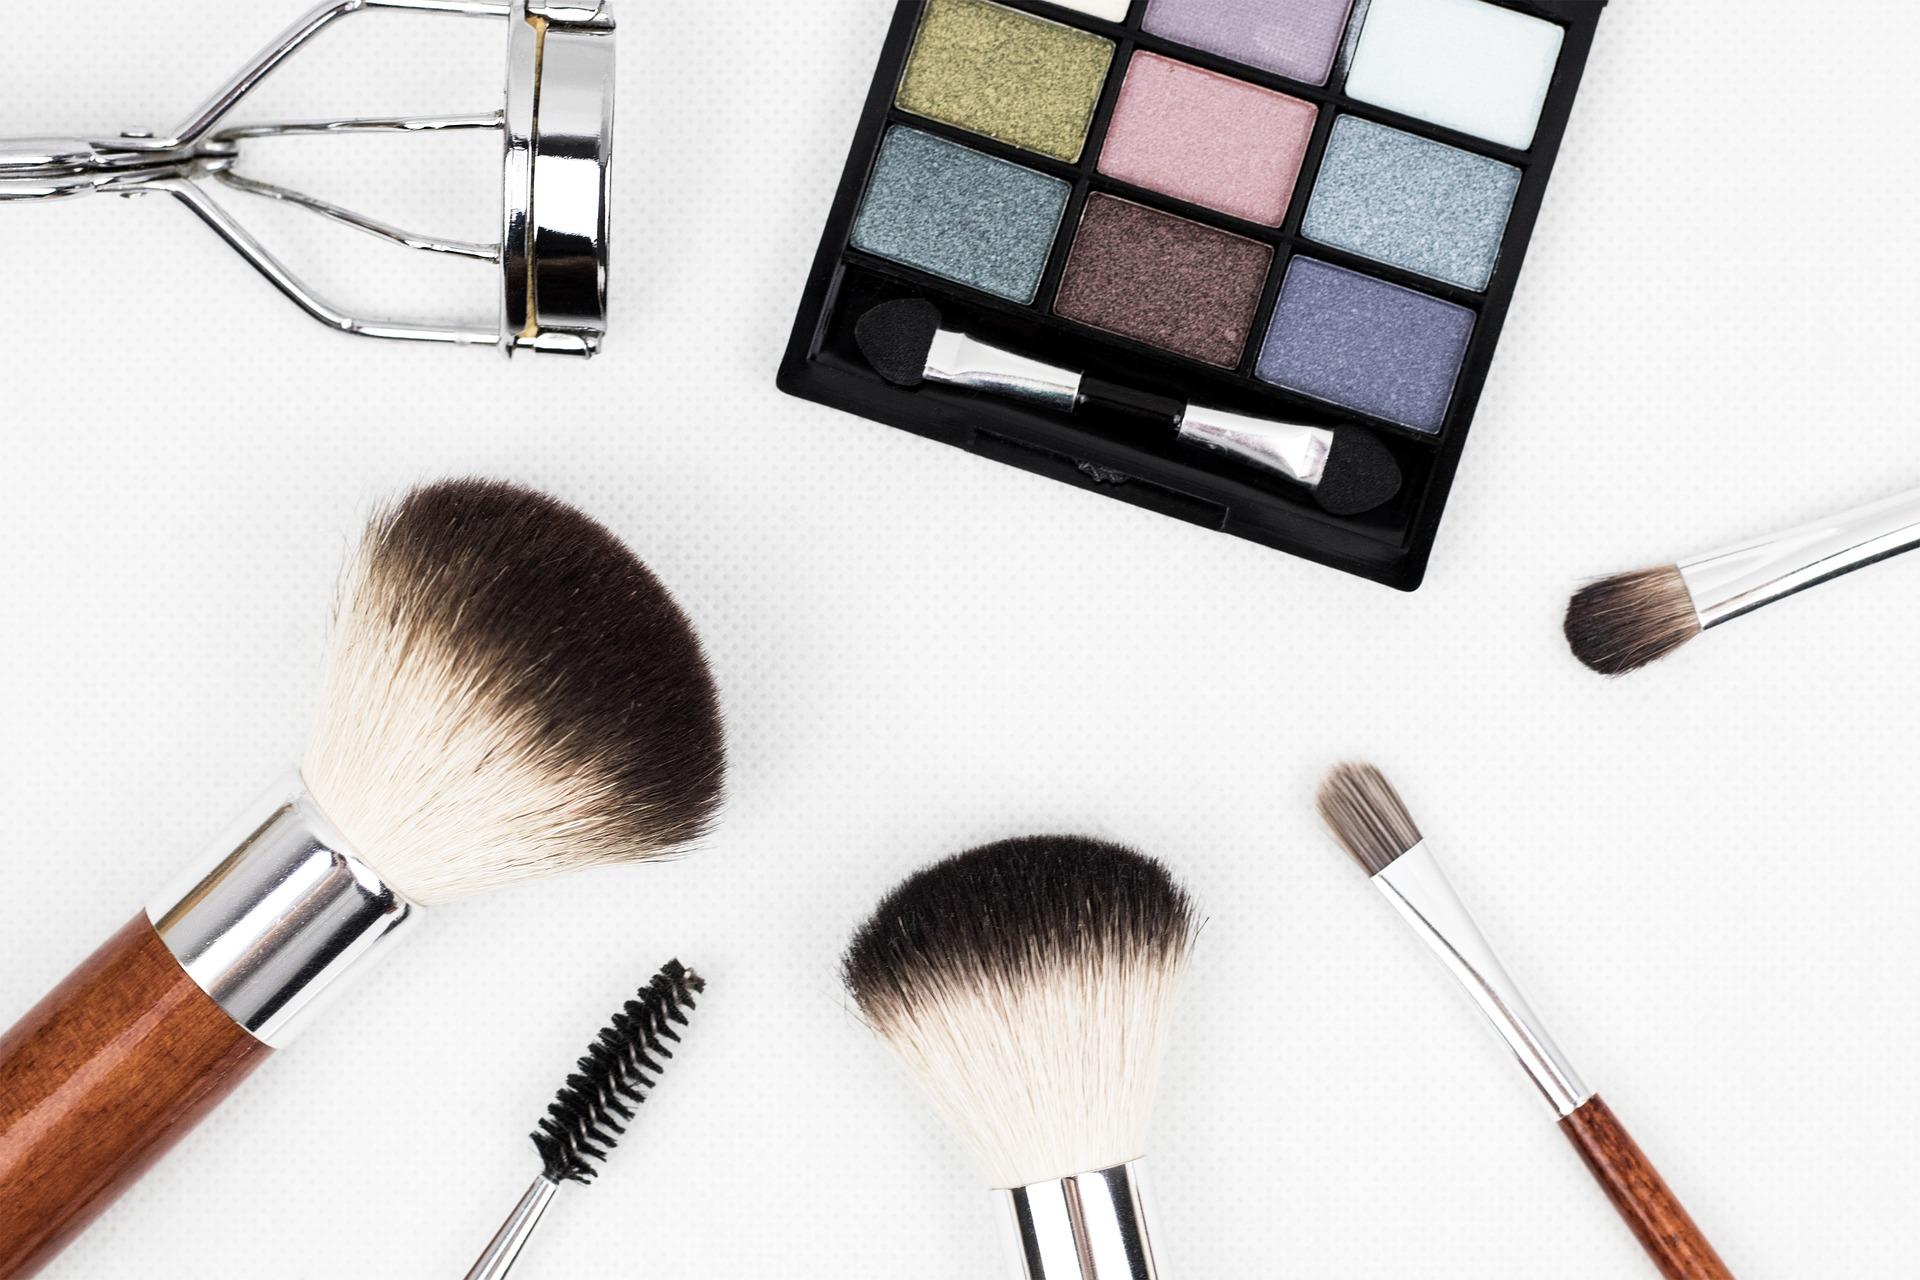 5 реальных советов, чтобы скрыть последствия недосыпа спомощью макияжа